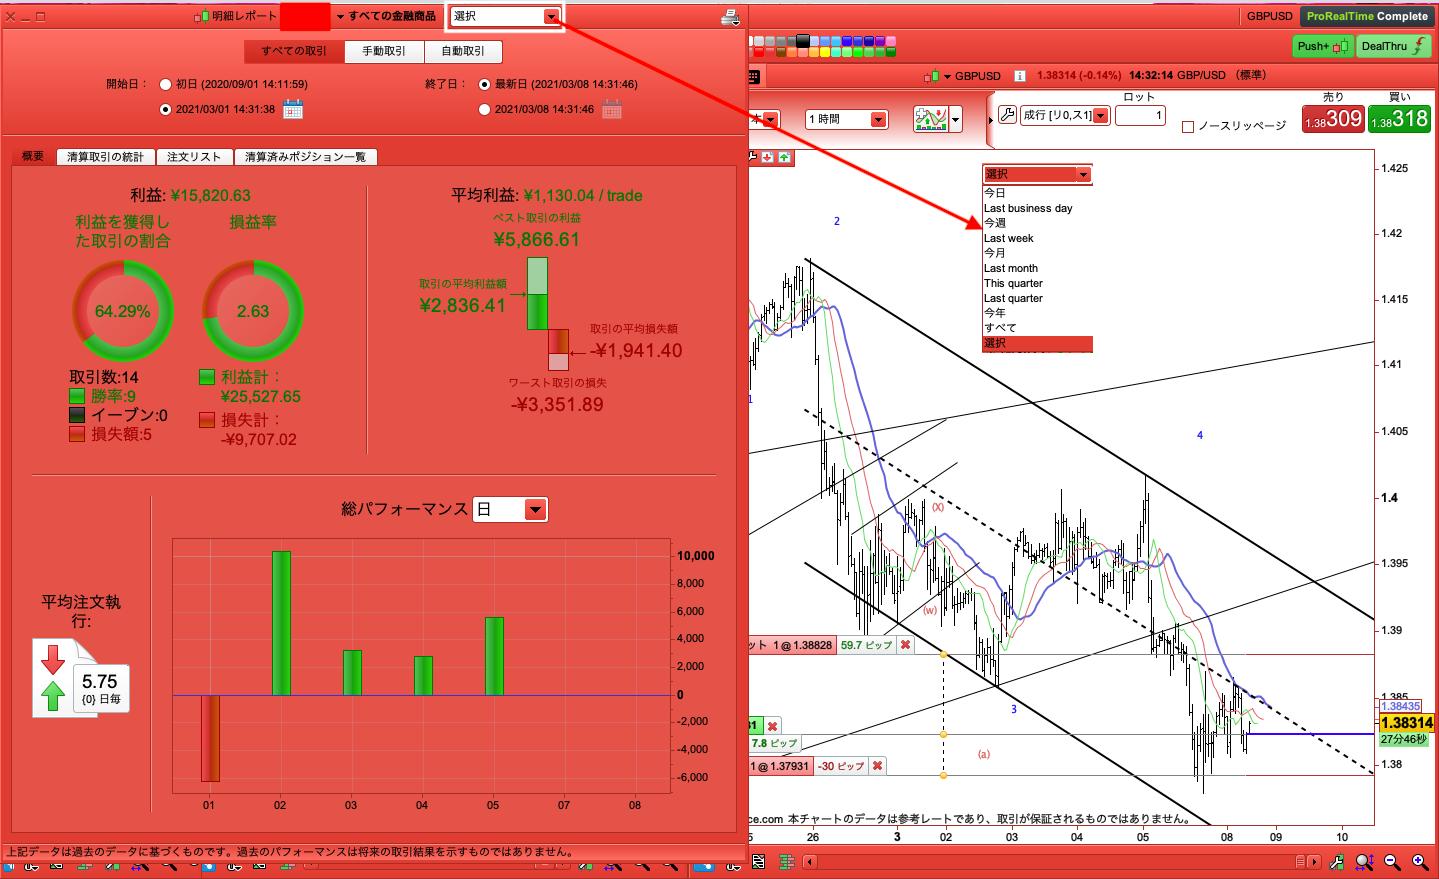 IG証券|ProRealTime|チャート|取引履歴/取引パフォーマンス